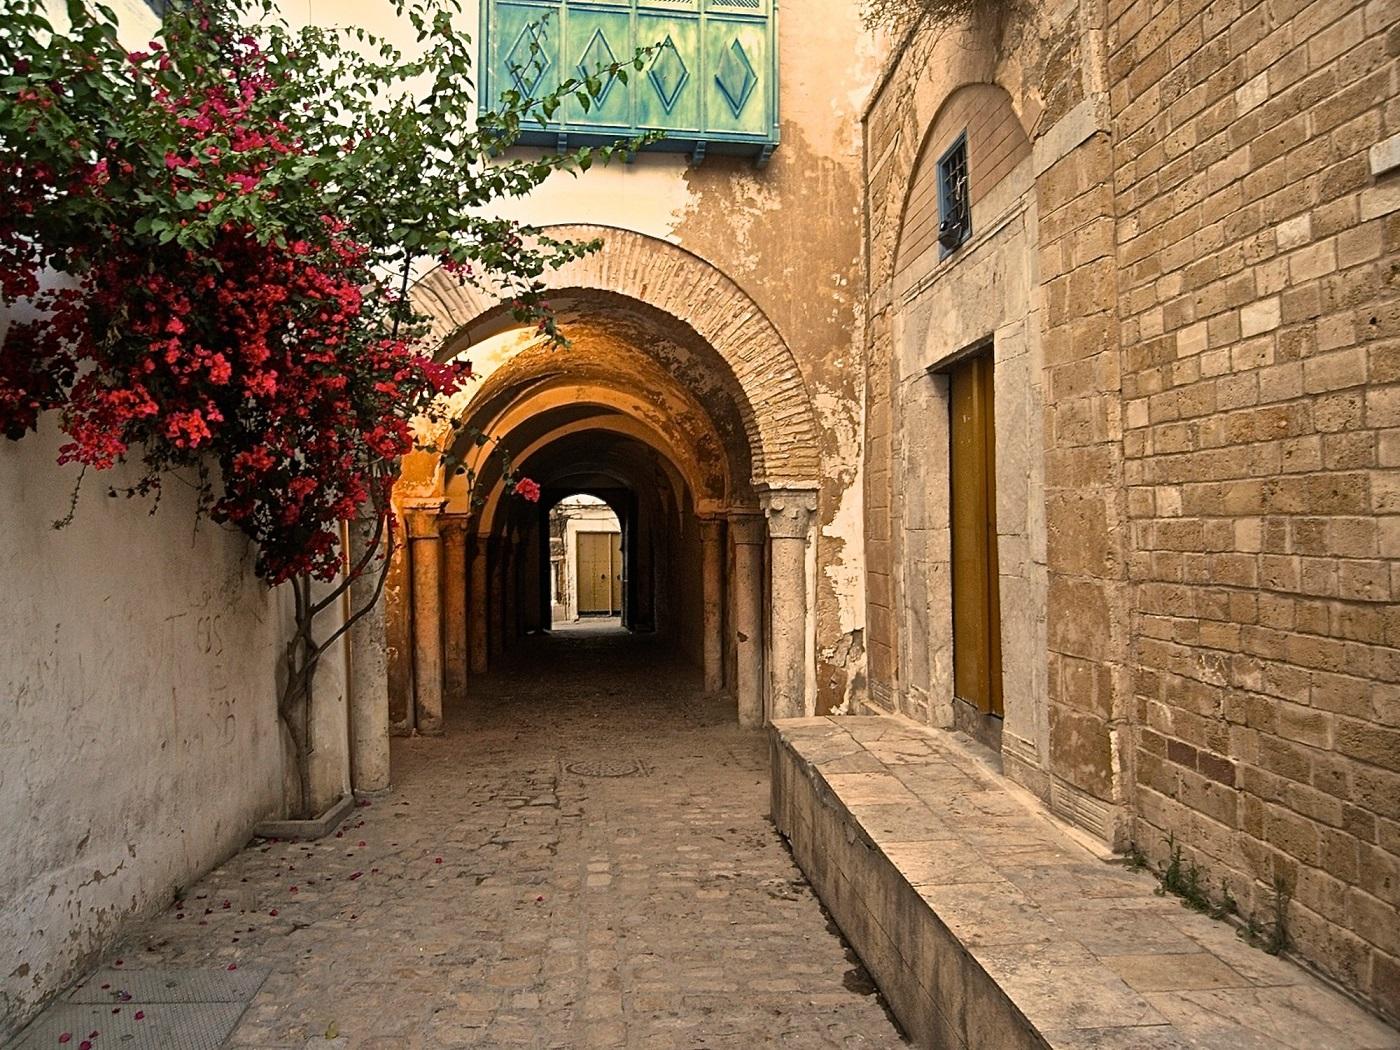 Străduțele înguste și pietruite sunt specifice Orașului Vechi